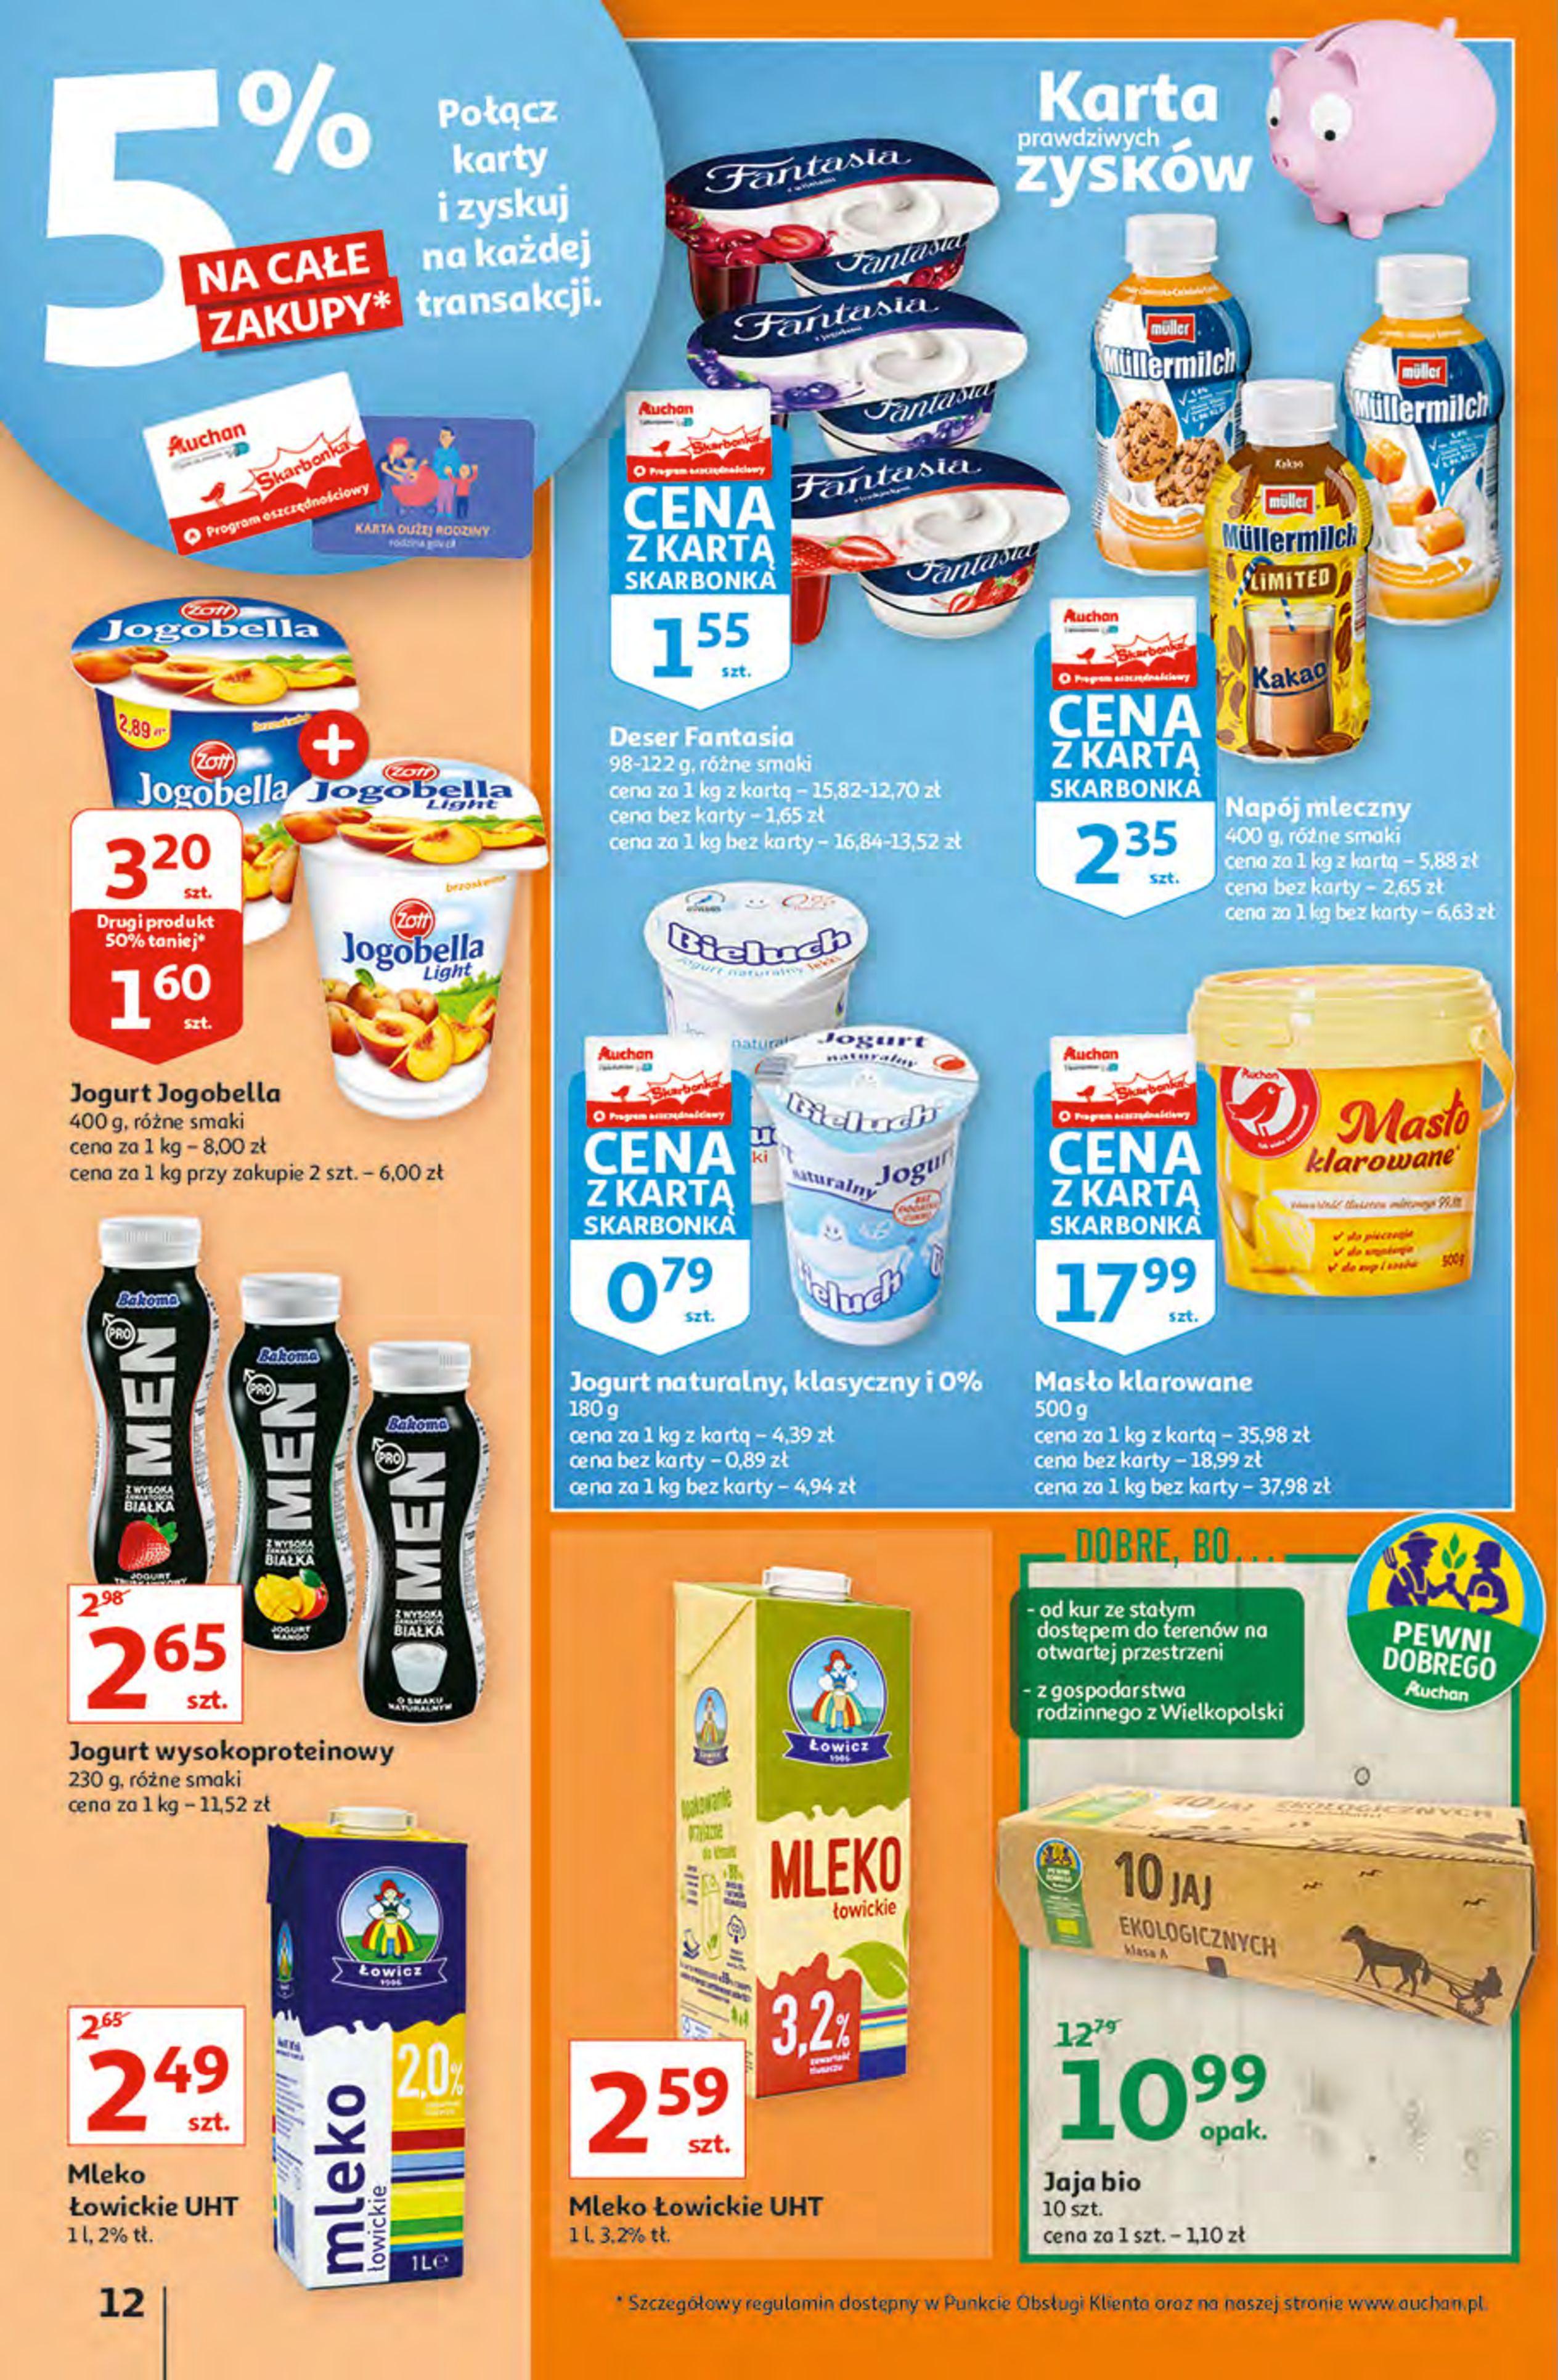 Gazetka Auchan: Gazetka Auchan - Hiperoszczędzanie z Kartą Skarbonka 2 Hipermarkety 2021-10-14 page-12